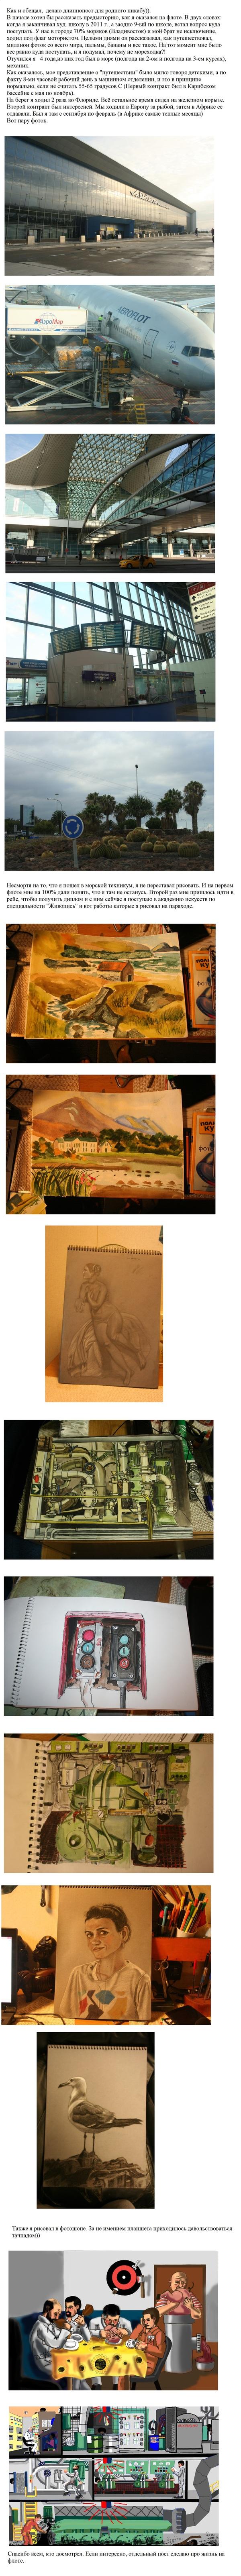 Художник и моряк в одном флаконе. Море, Пароход, Рисунок, Photoshop, Акварель, Жизнь, Длиннопост